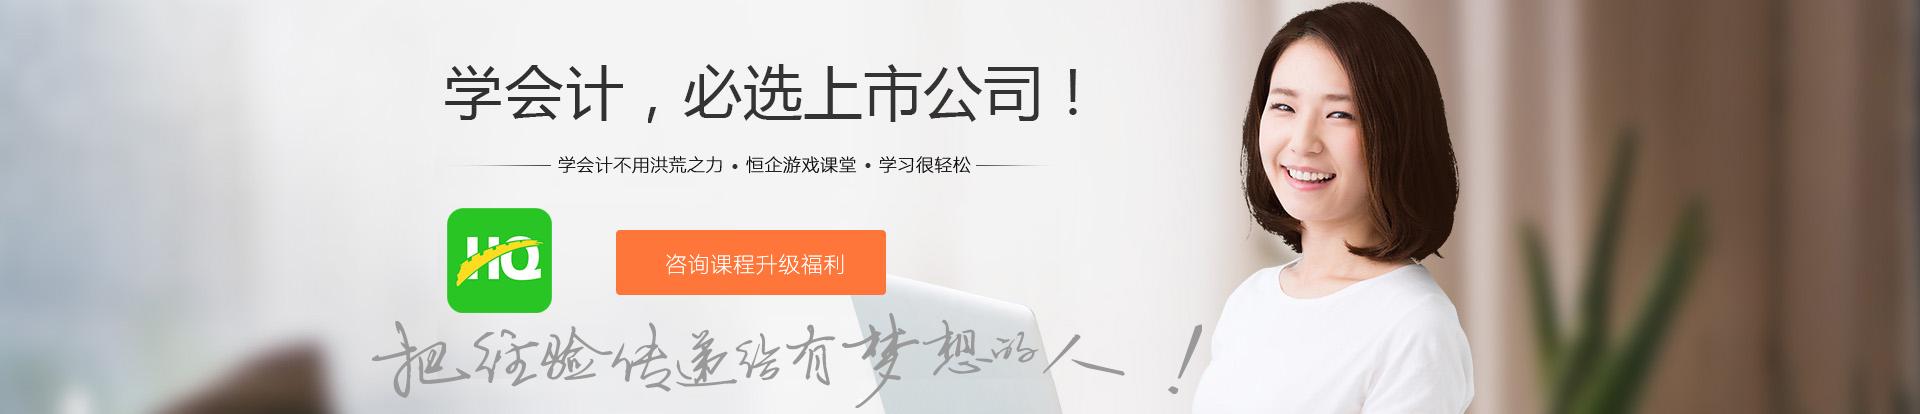 西宁恒企会计betway体育app学校 横幅广告